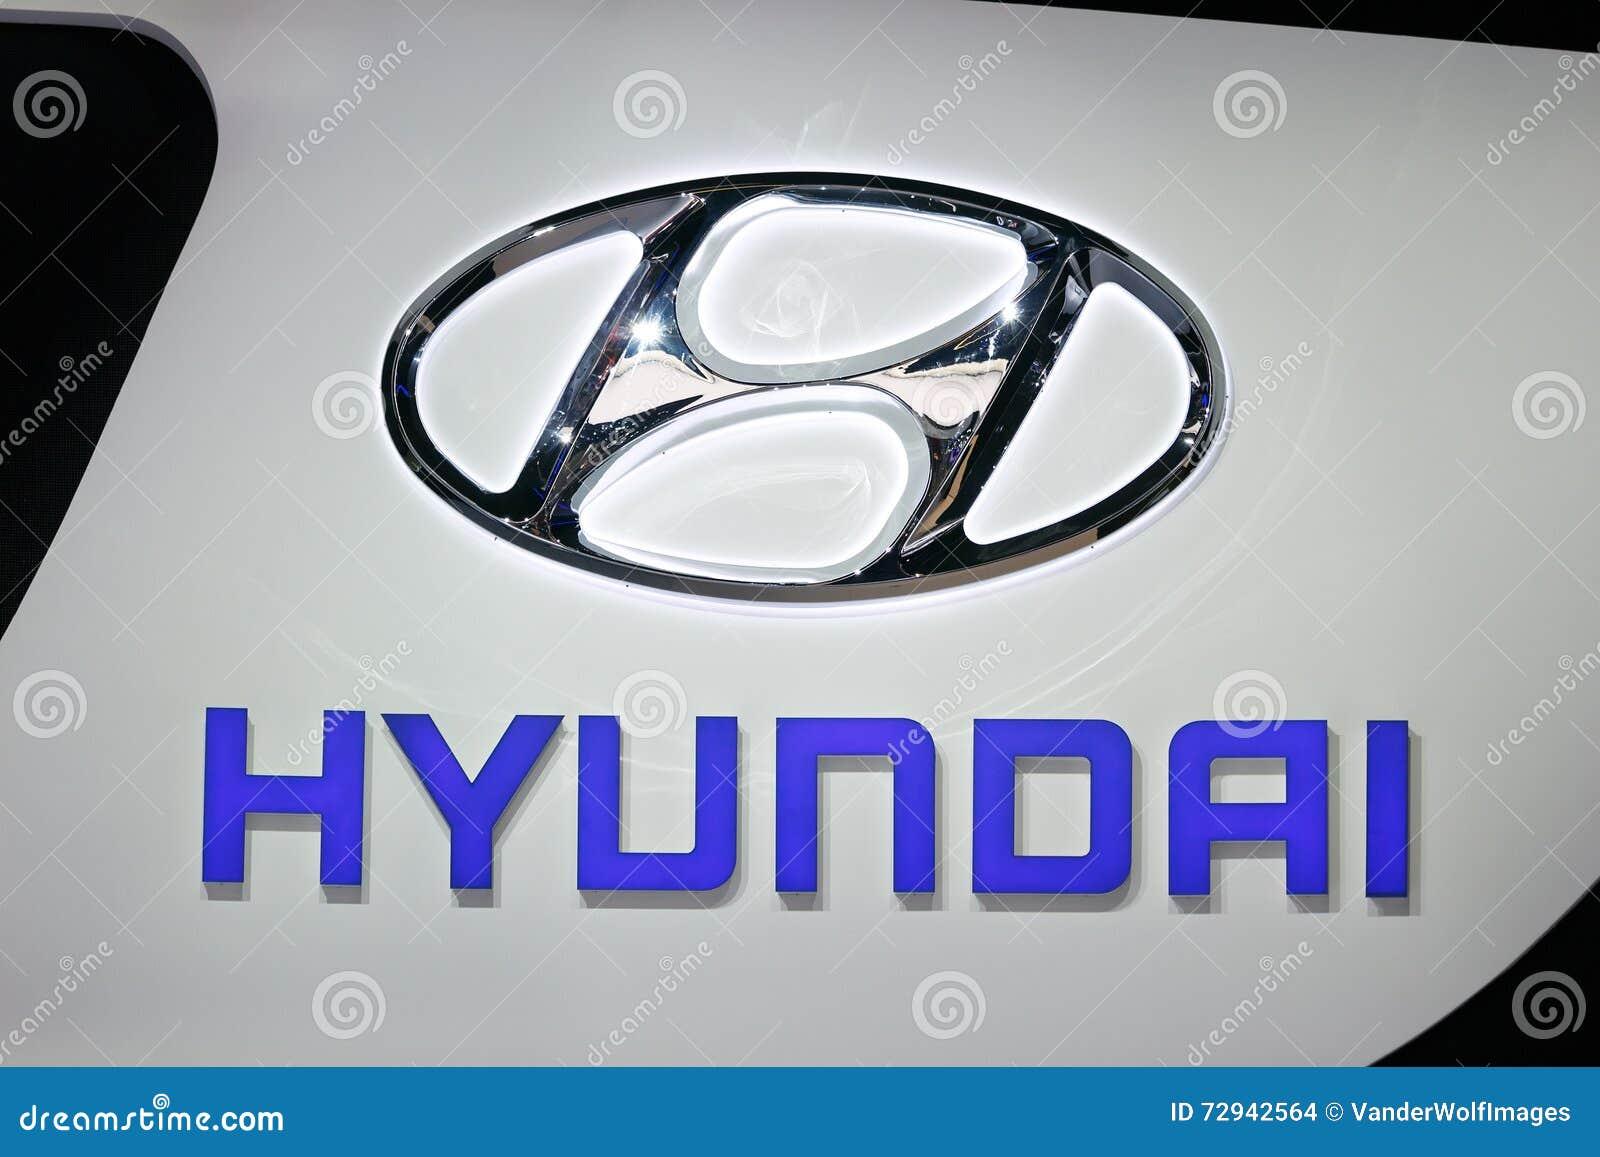 Hyundai Logo Editorial Stock Image Image Of Symbol Vehicle 72942564